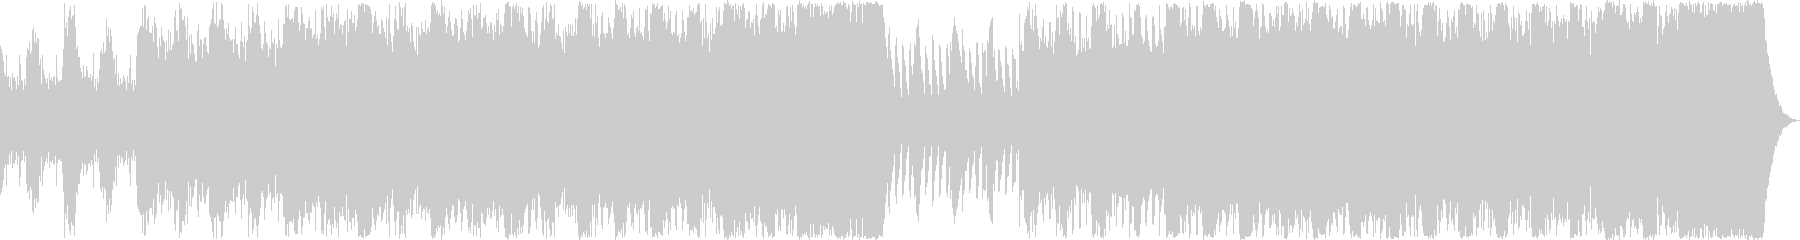 戦闘 緊迫 ゲーム オーケストラBGMの未再生の波形